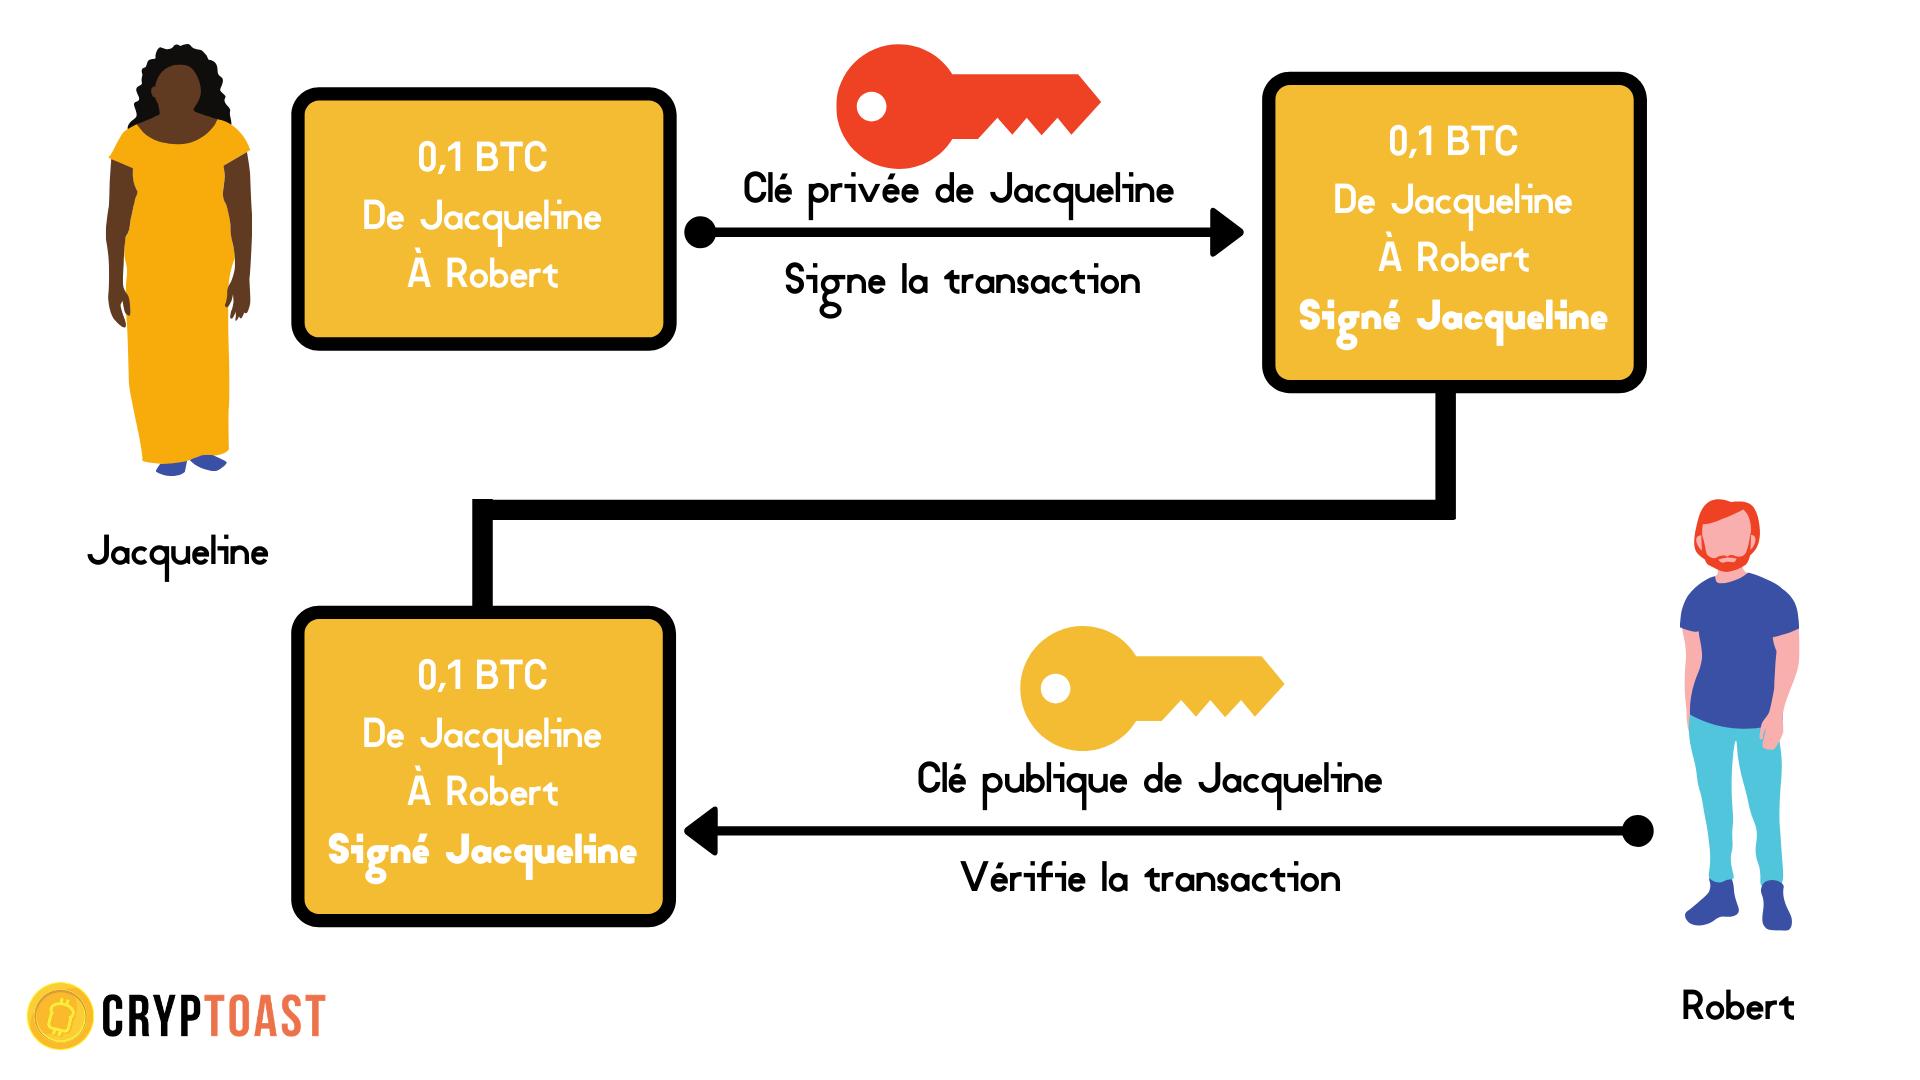 Clé privée clé publique transaction Bitcoin